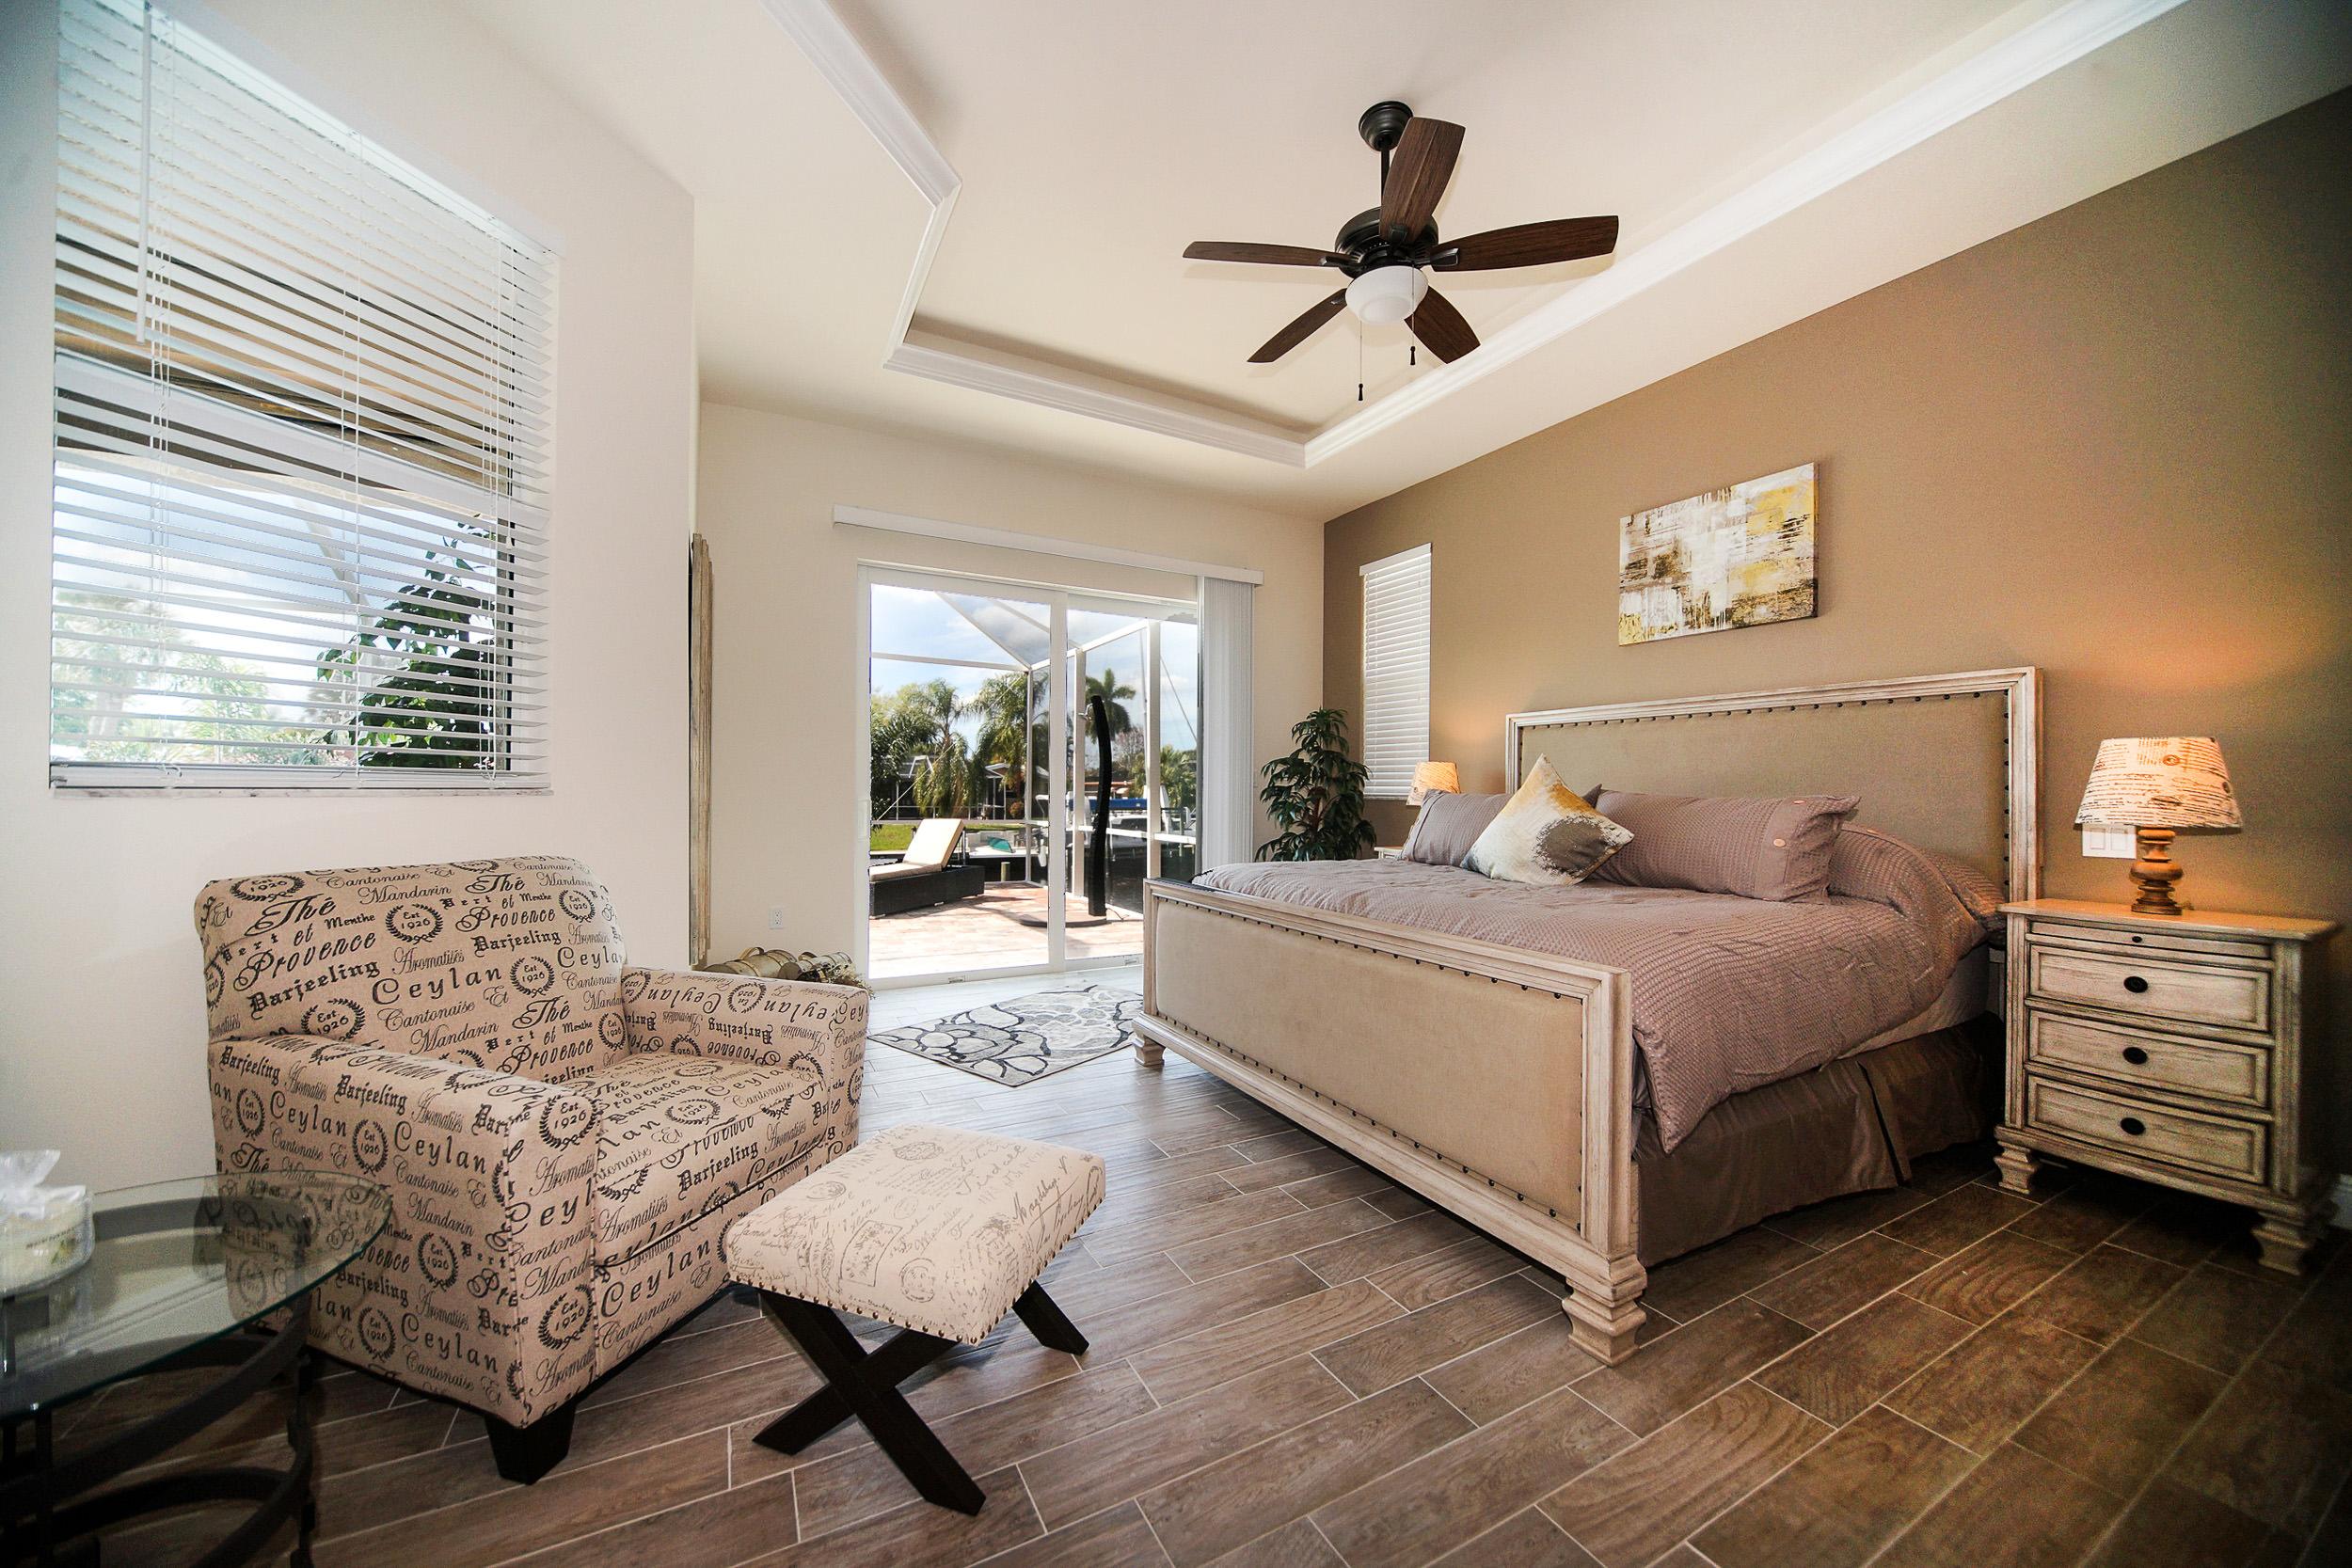 Villa Fountainebleau - Floridatraum